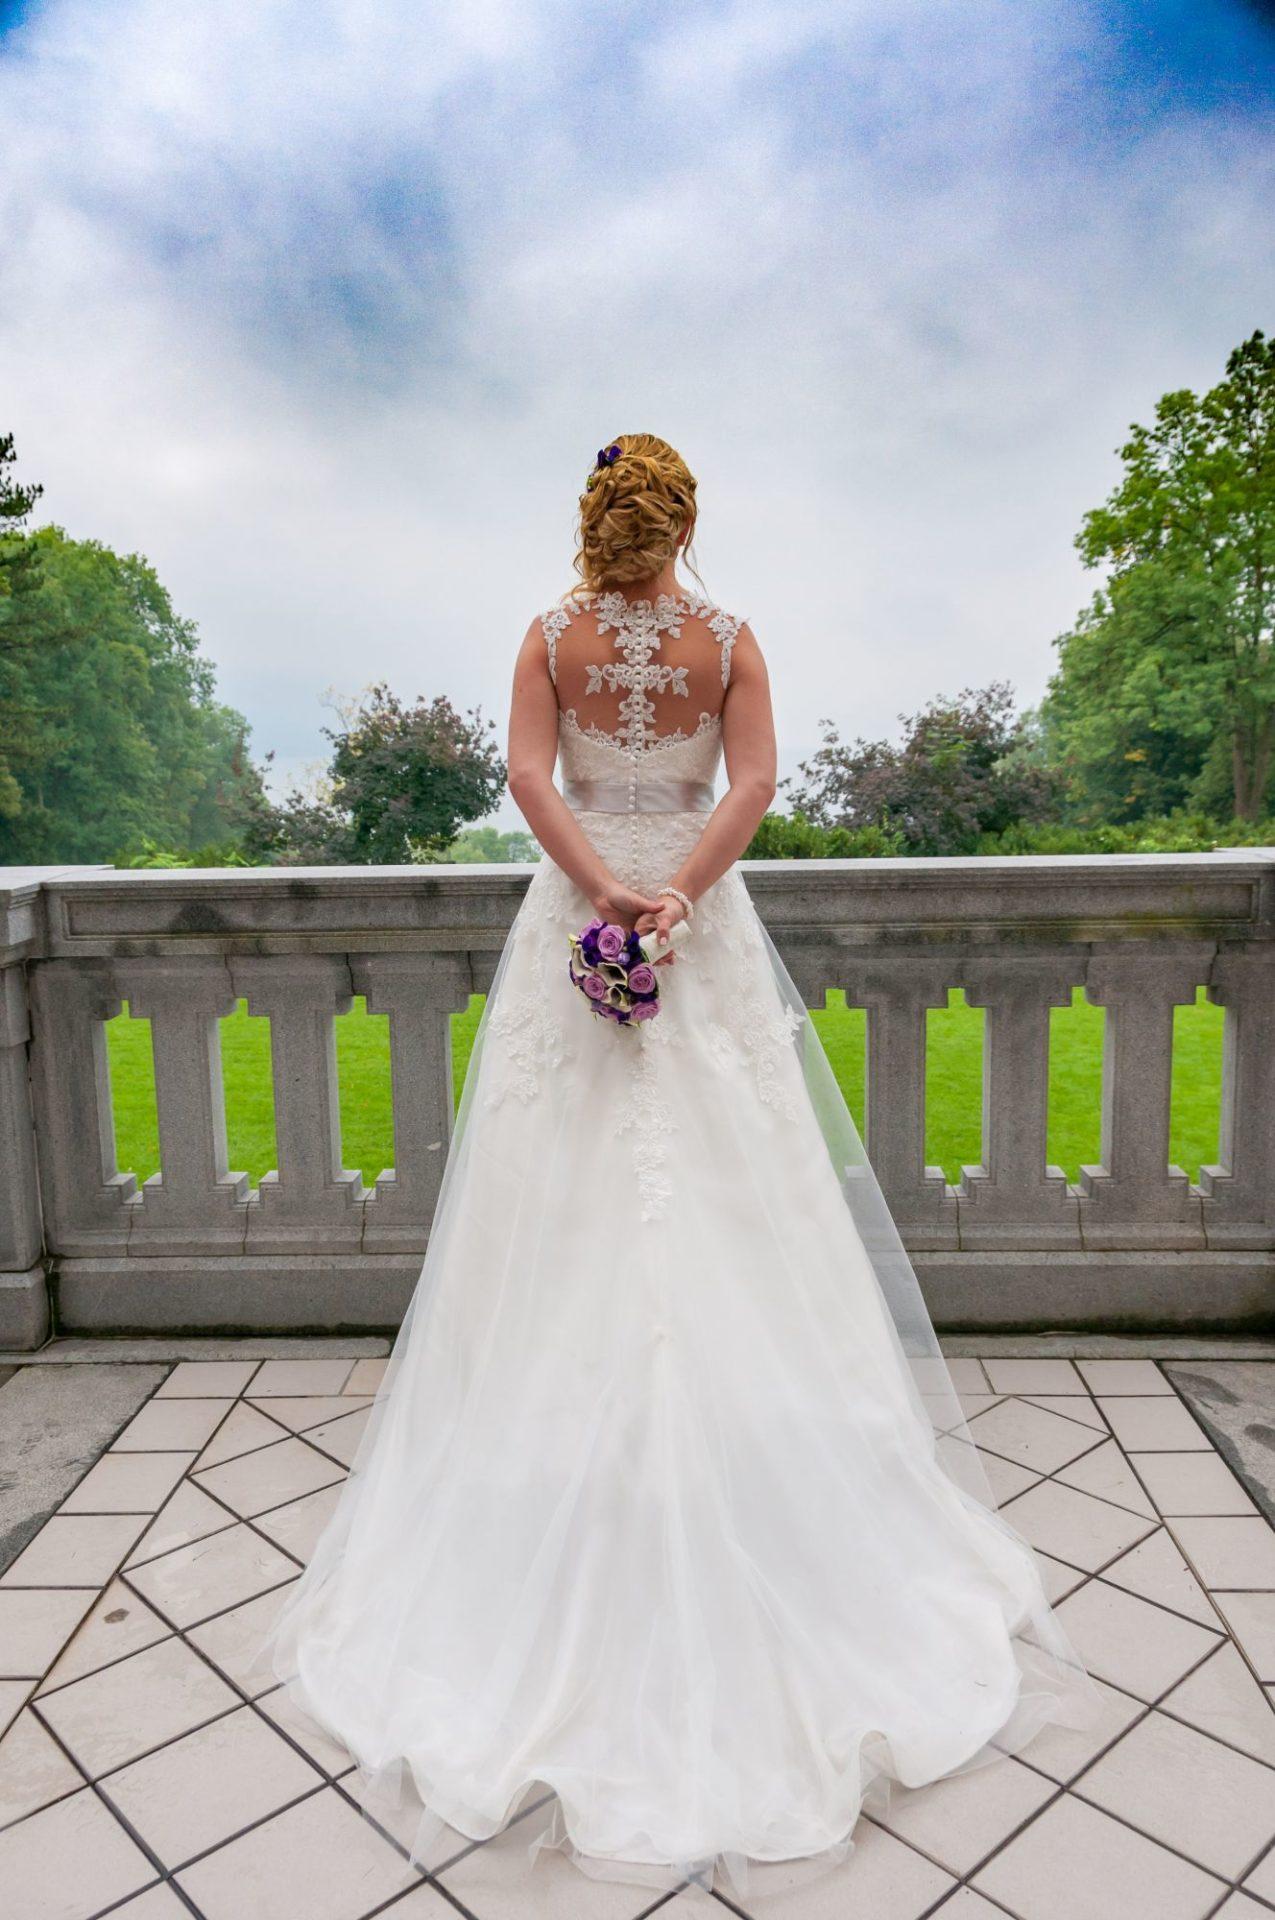 Braut mit Strauß hinter dem Rücken